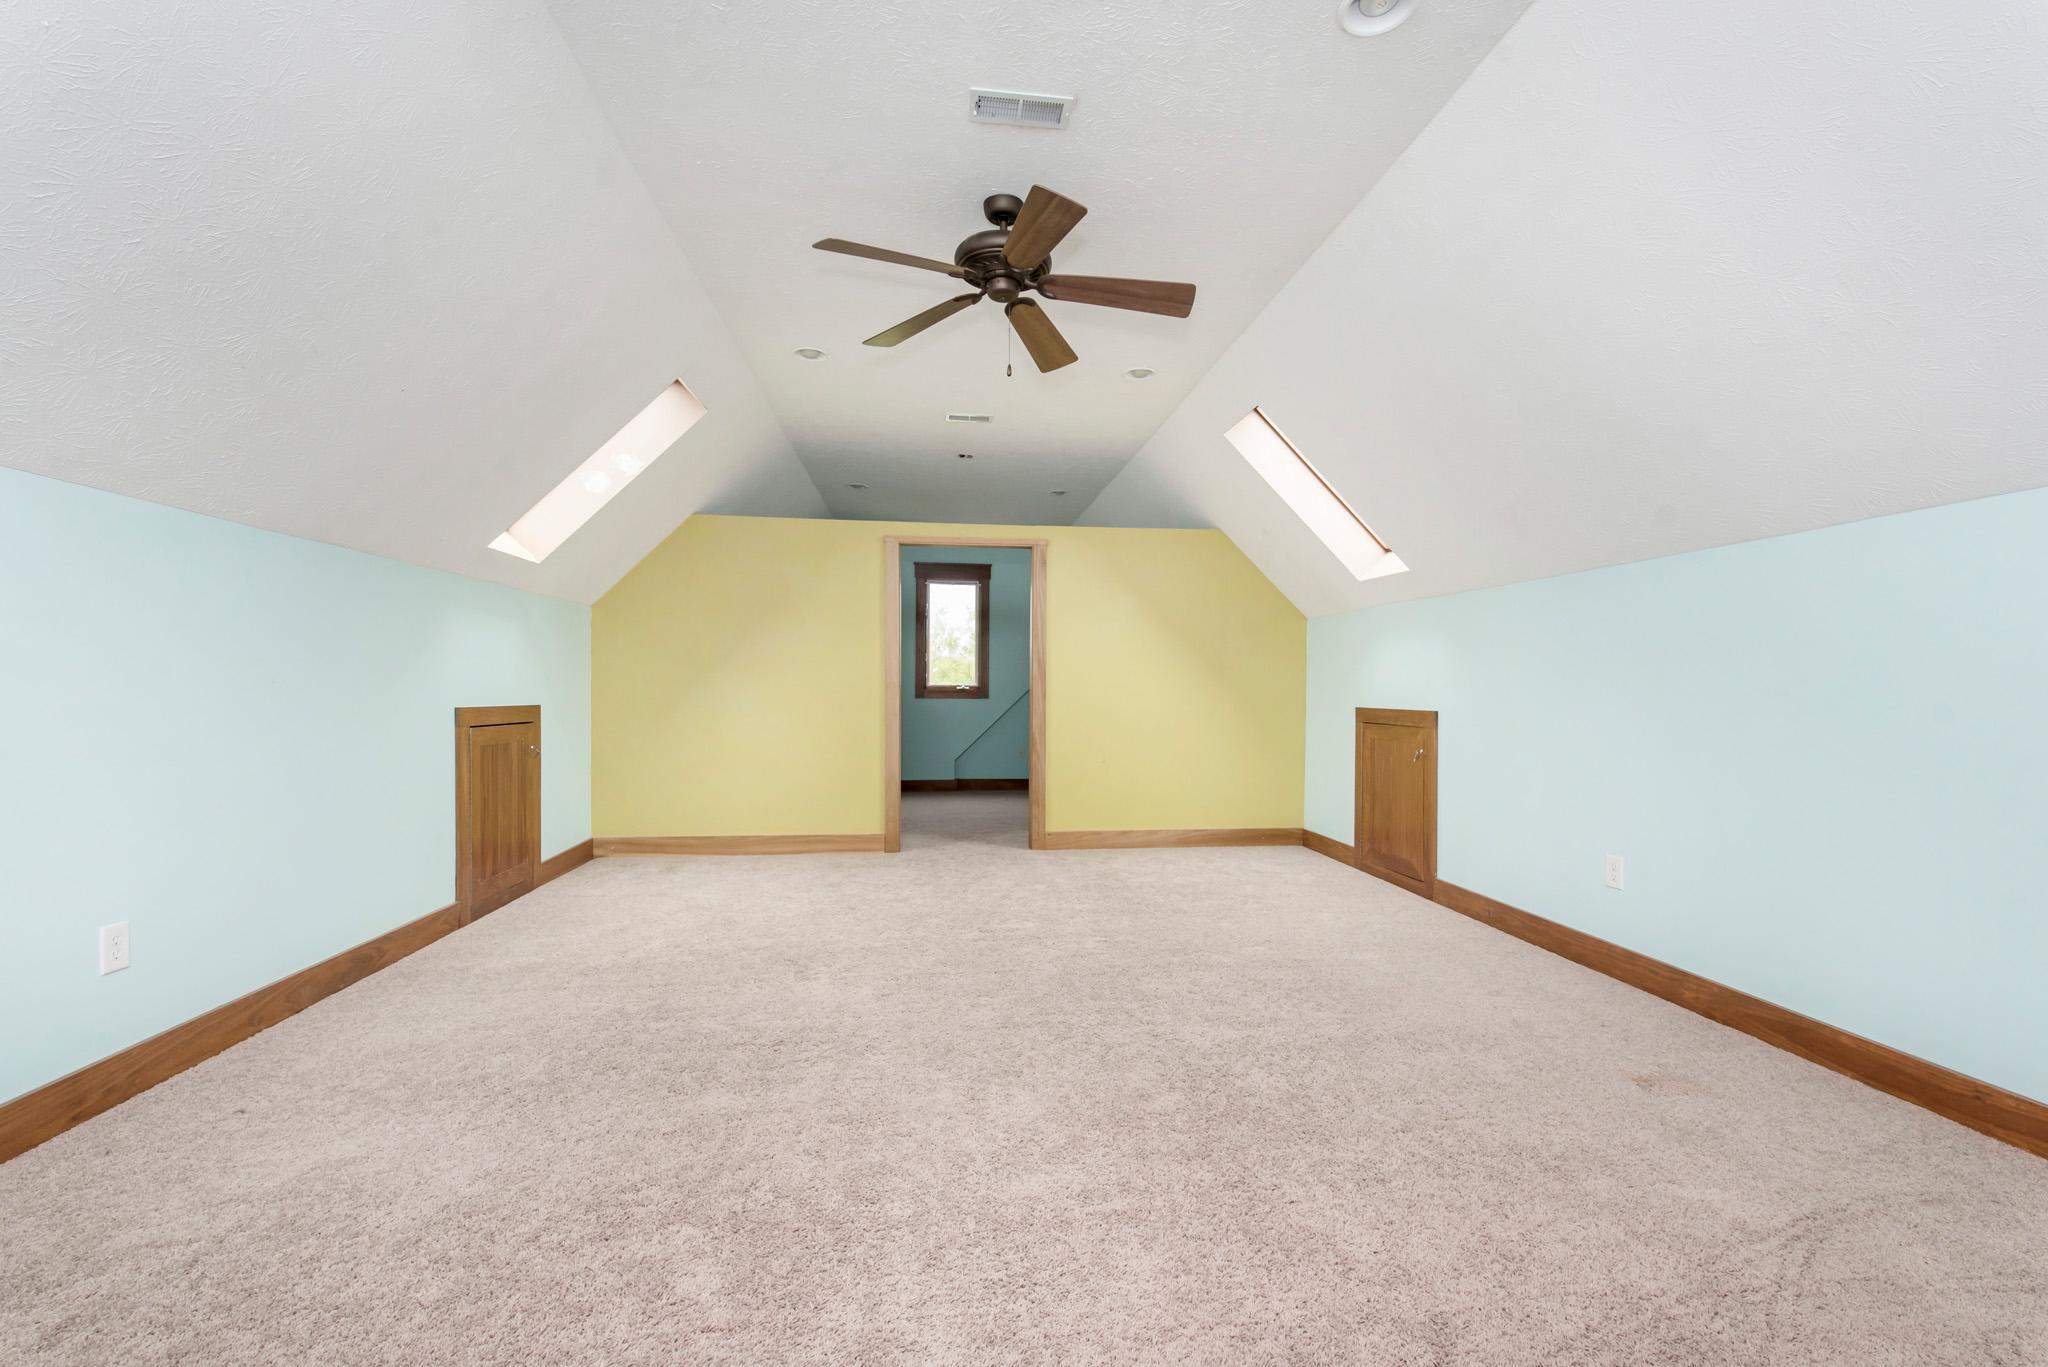 28_Bonus Room.jpg